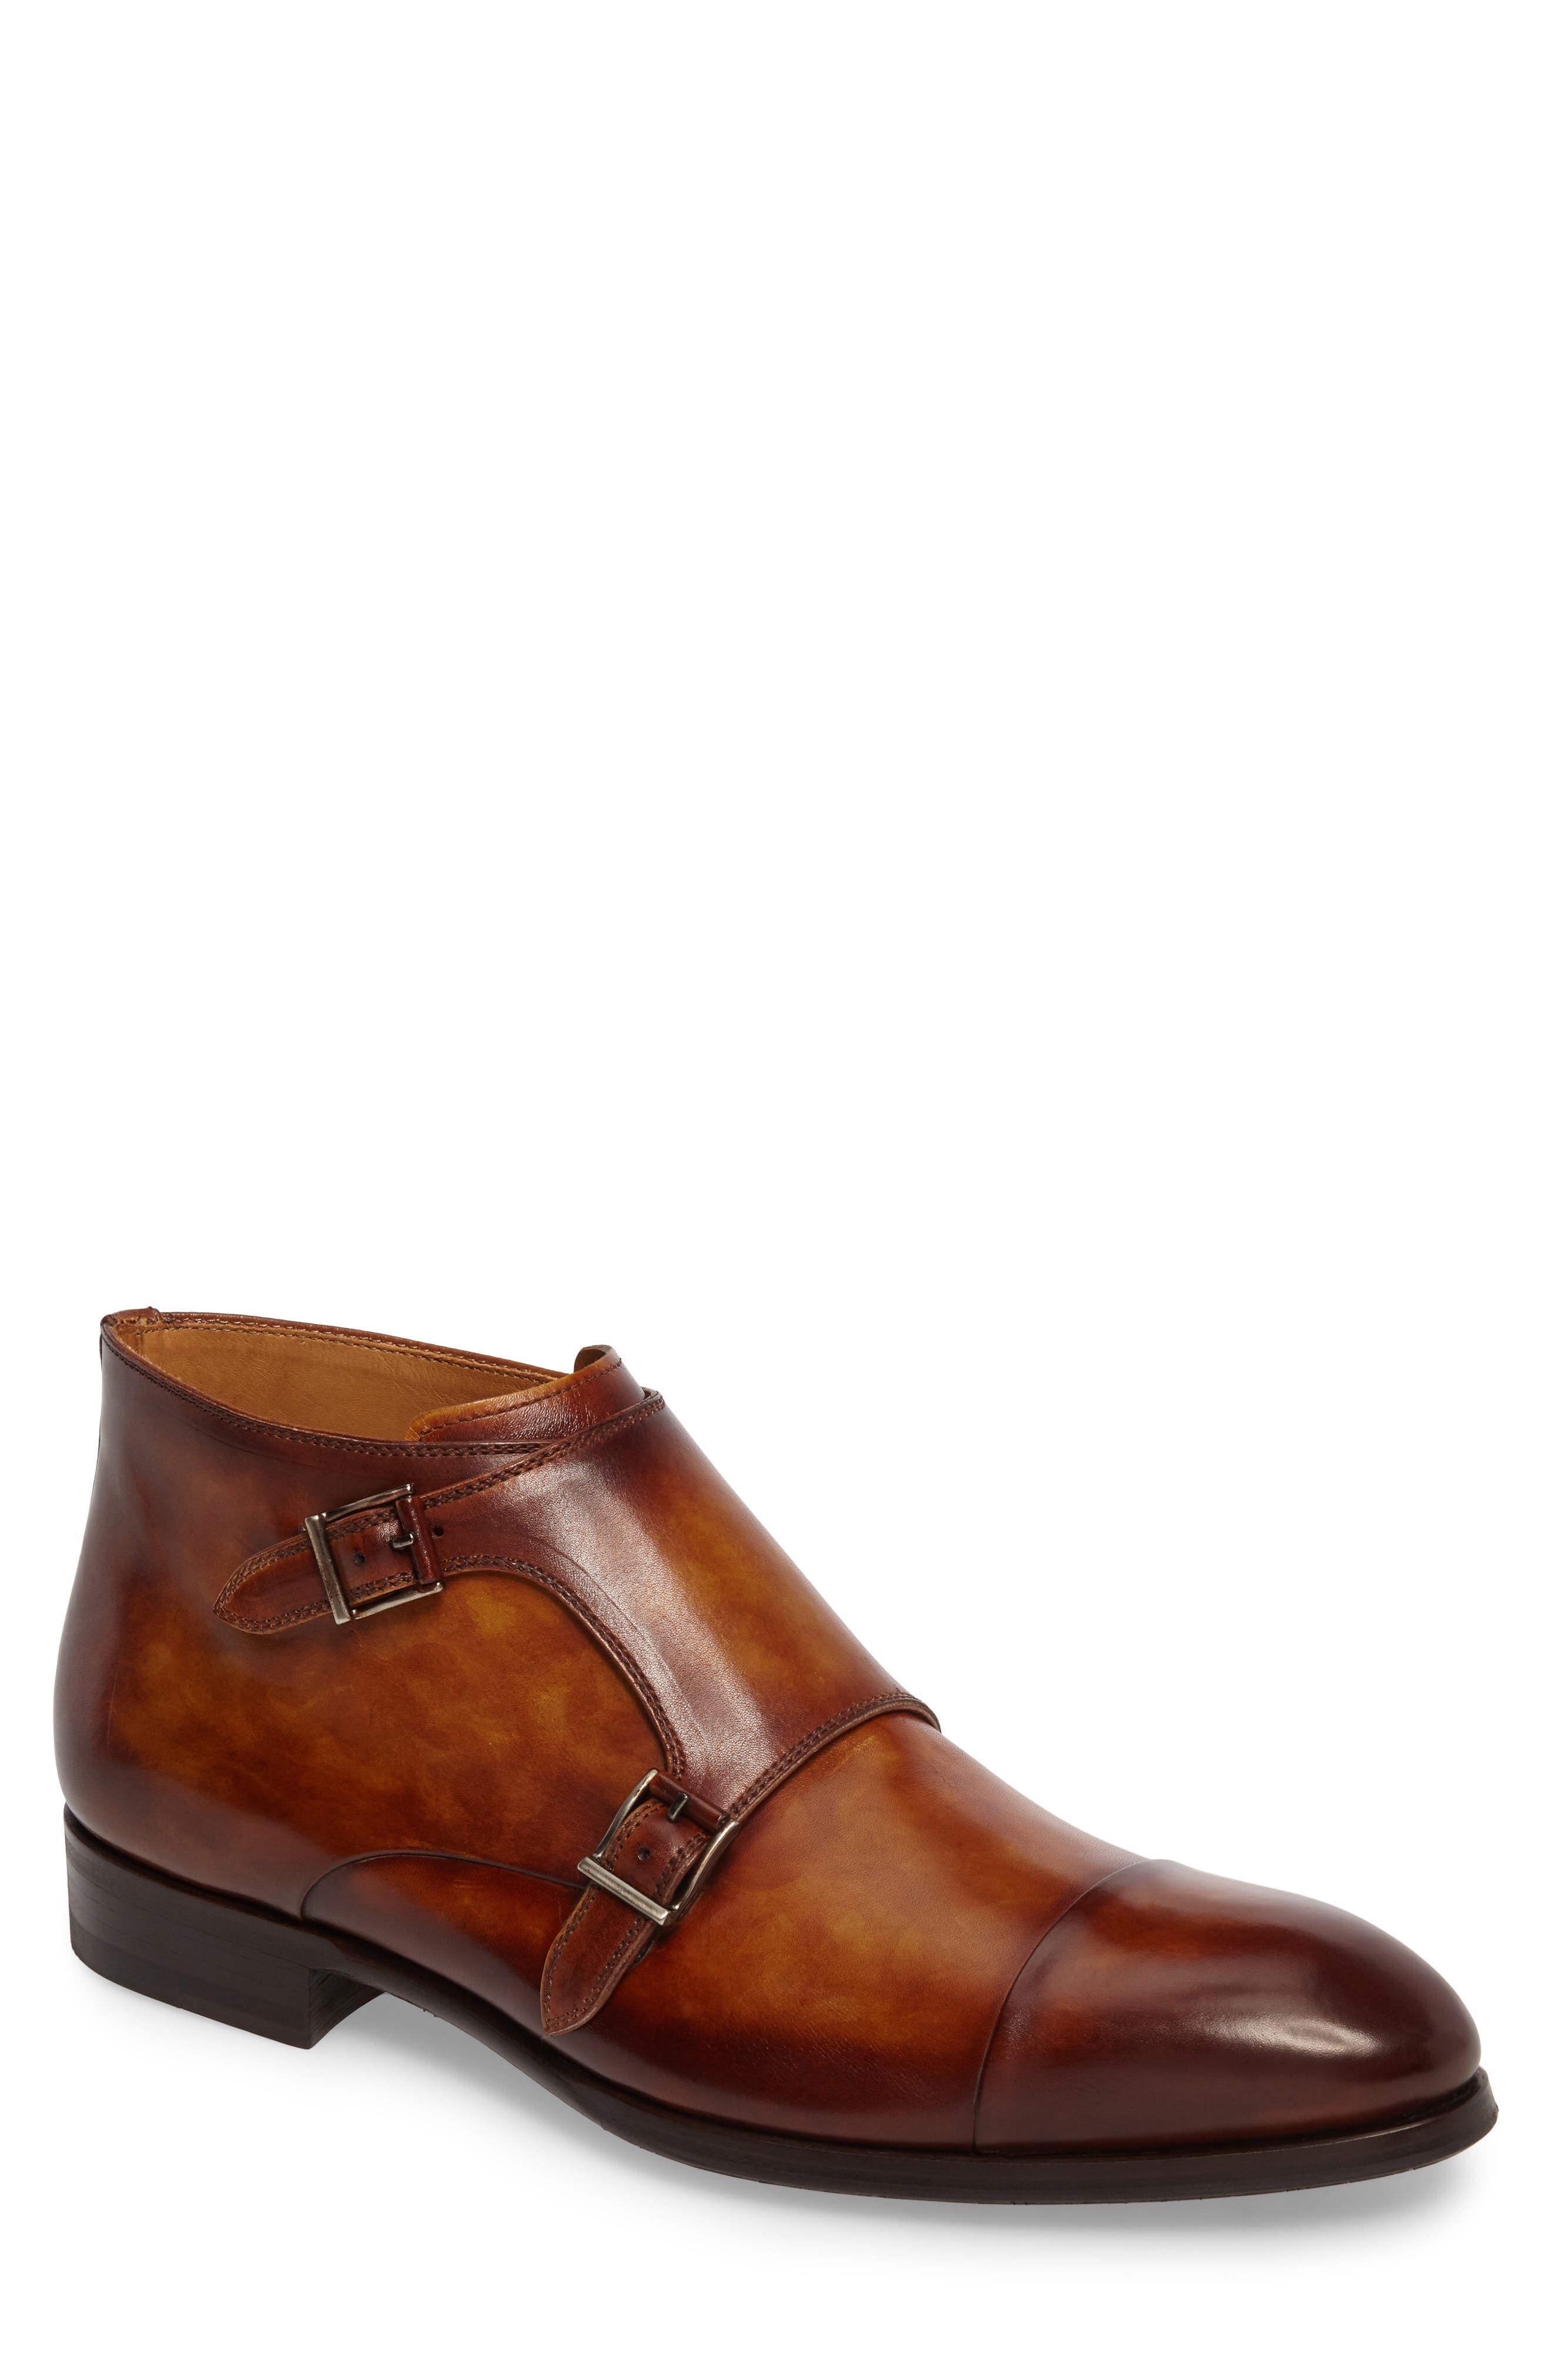 Lavar Double Monk Strap Boot,                         Main,                         color, 210